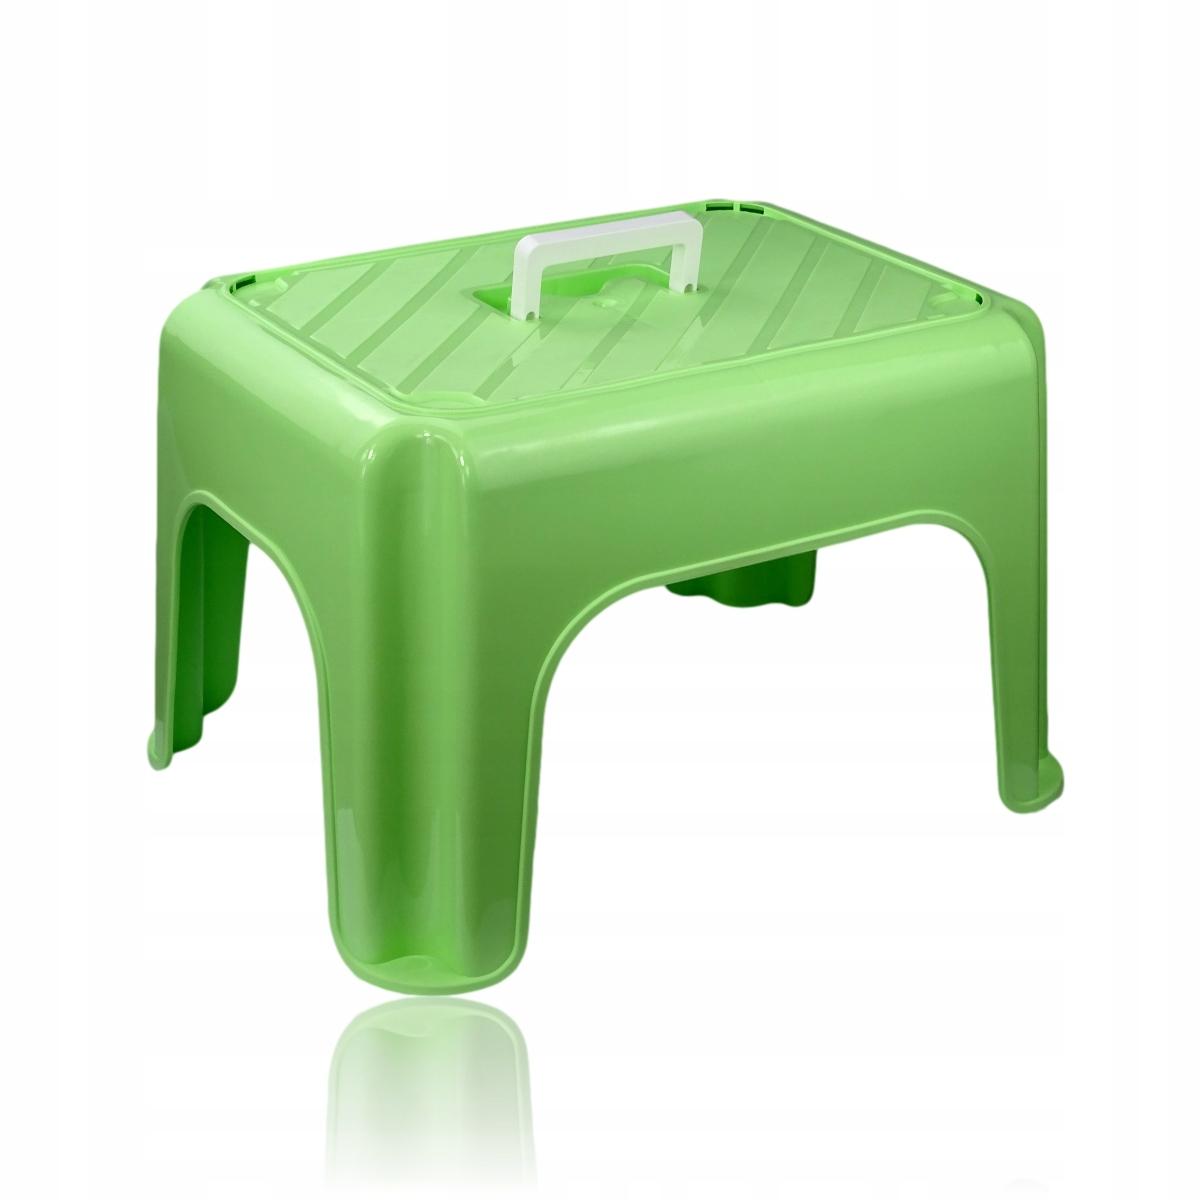 Taboret podnóżek dla dzieci midi z uchwytem Green